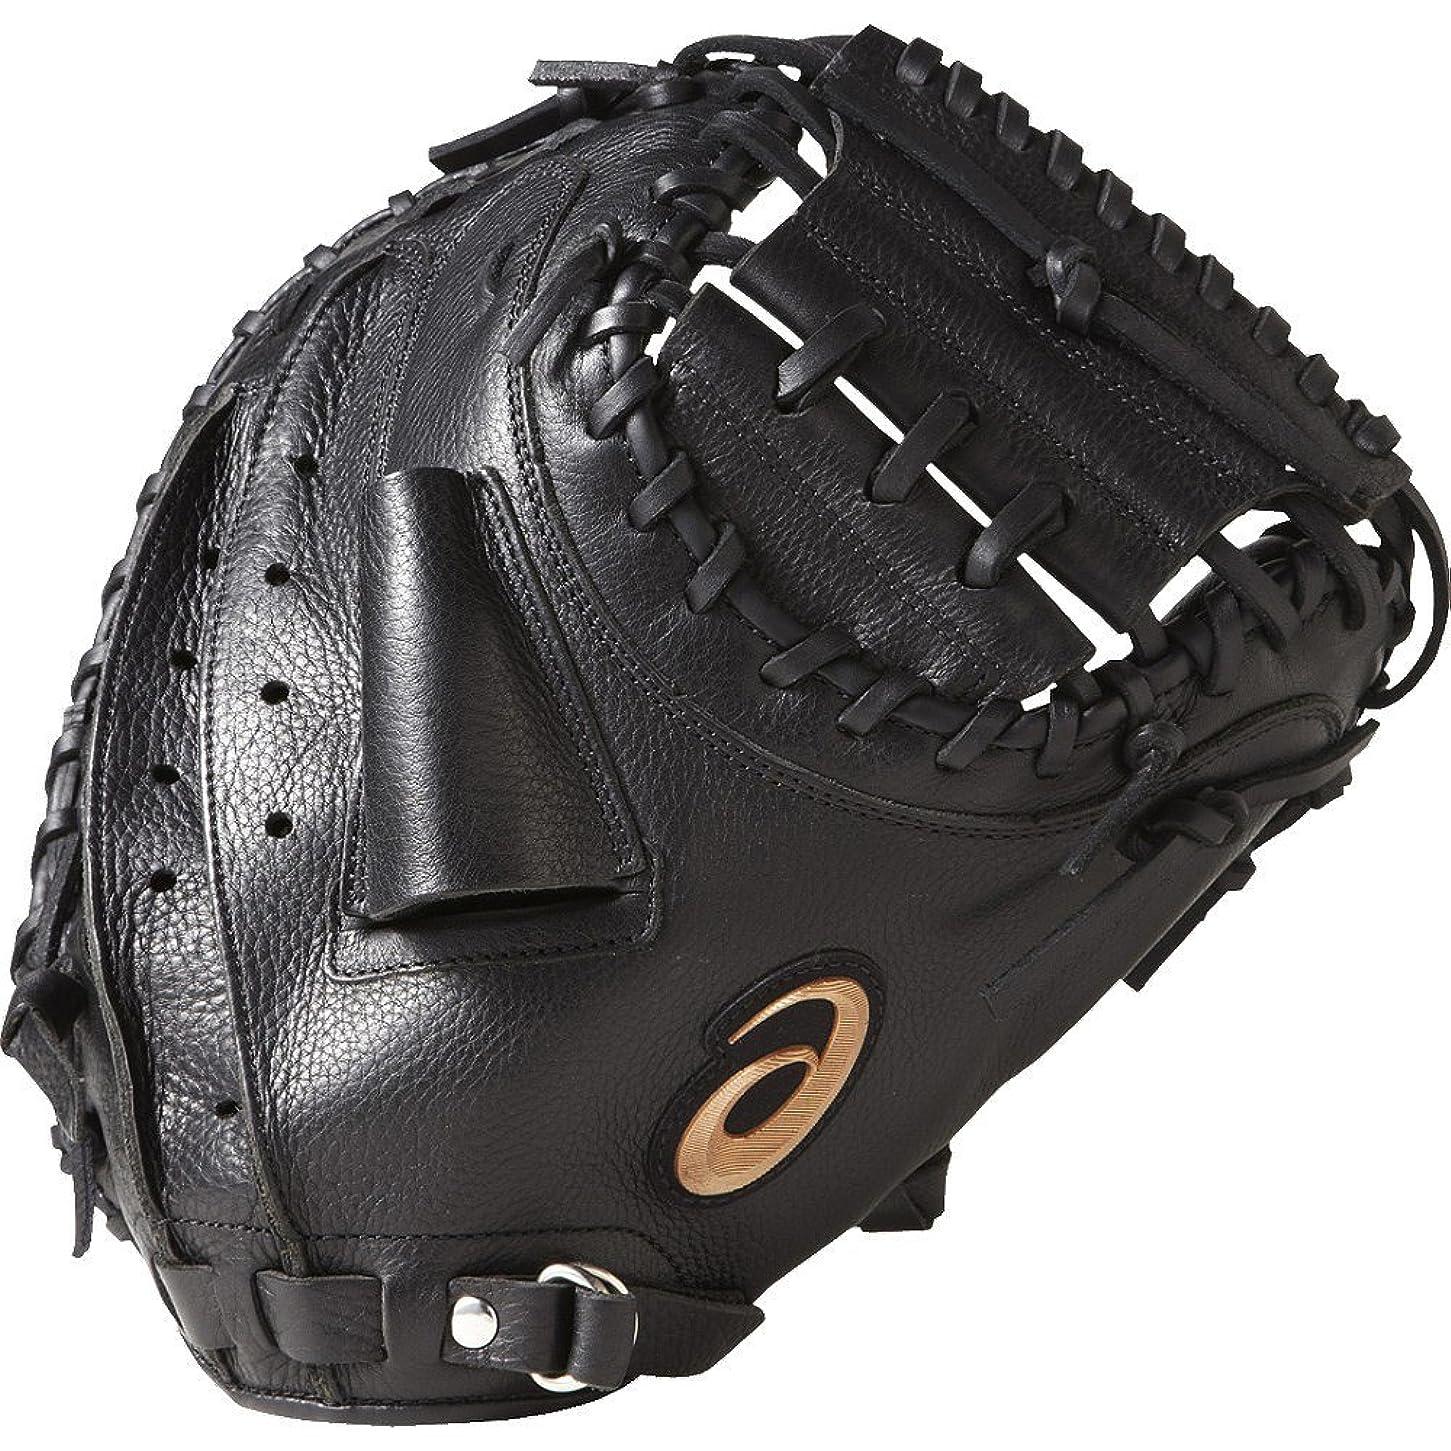 対安定裸アシックス(asics) 野球 グローブ 軟式 キャッチャー用 ネオリバイブ 右投げ 2018年モデル BGR7MC